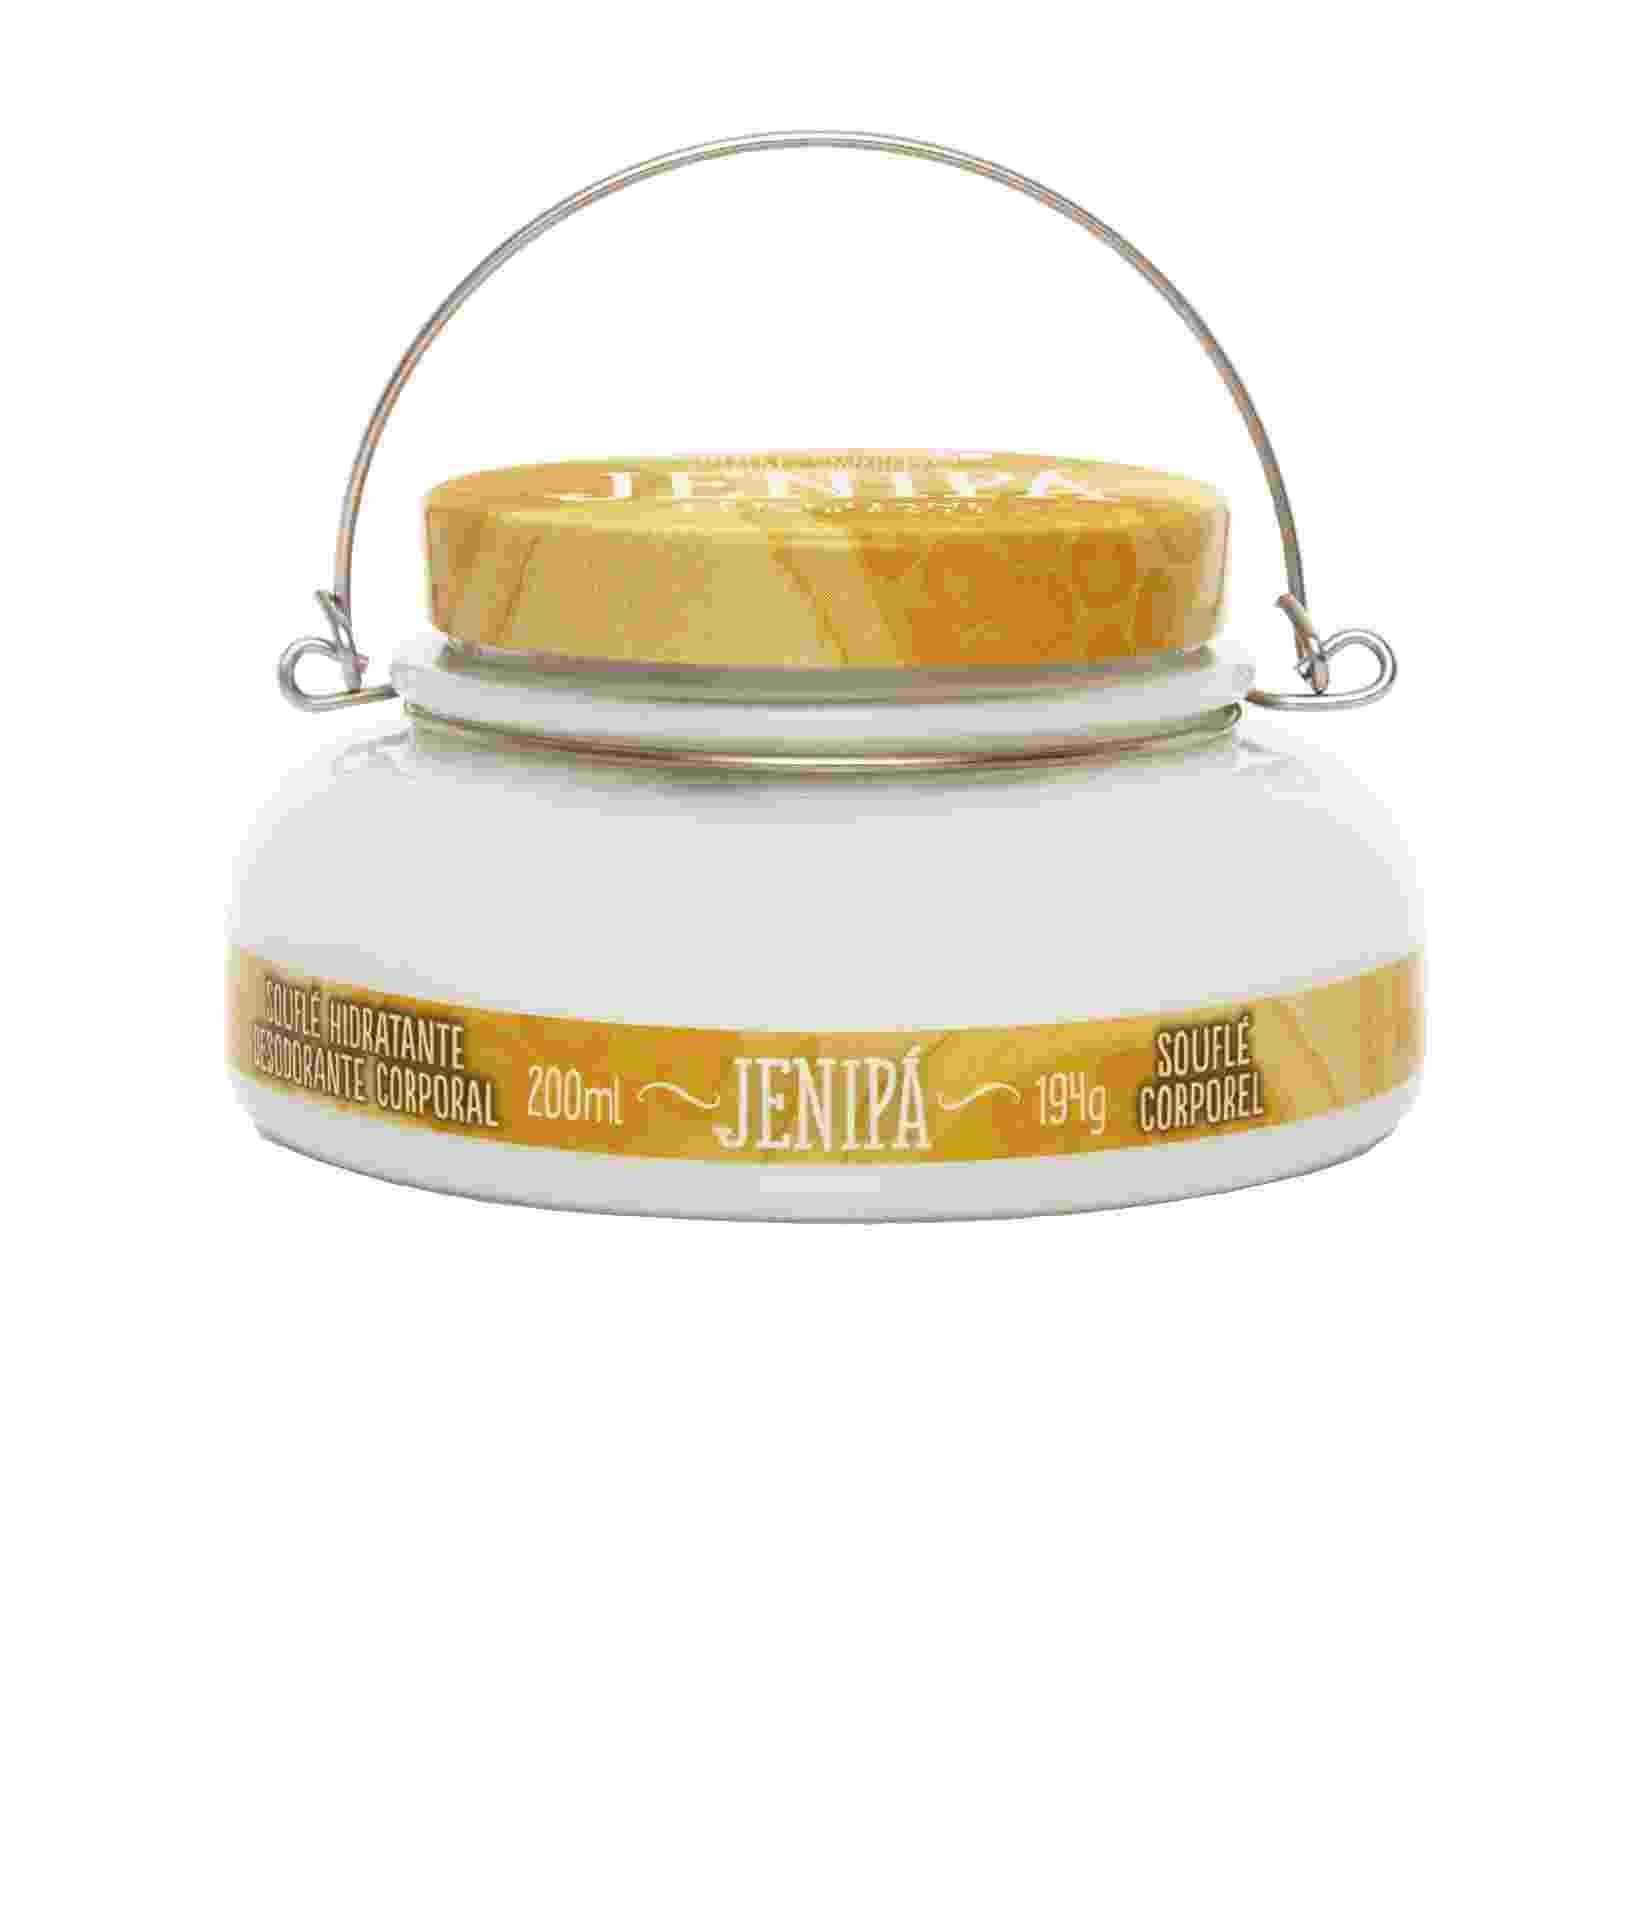 Souflé hidratante desodorante corporal Jenipá: com rápida absorção, é inspirado na textura de doces regionais. R$ 72, L'Occitane au Brésil, br.loccitaneaubresil.com - Divulgação